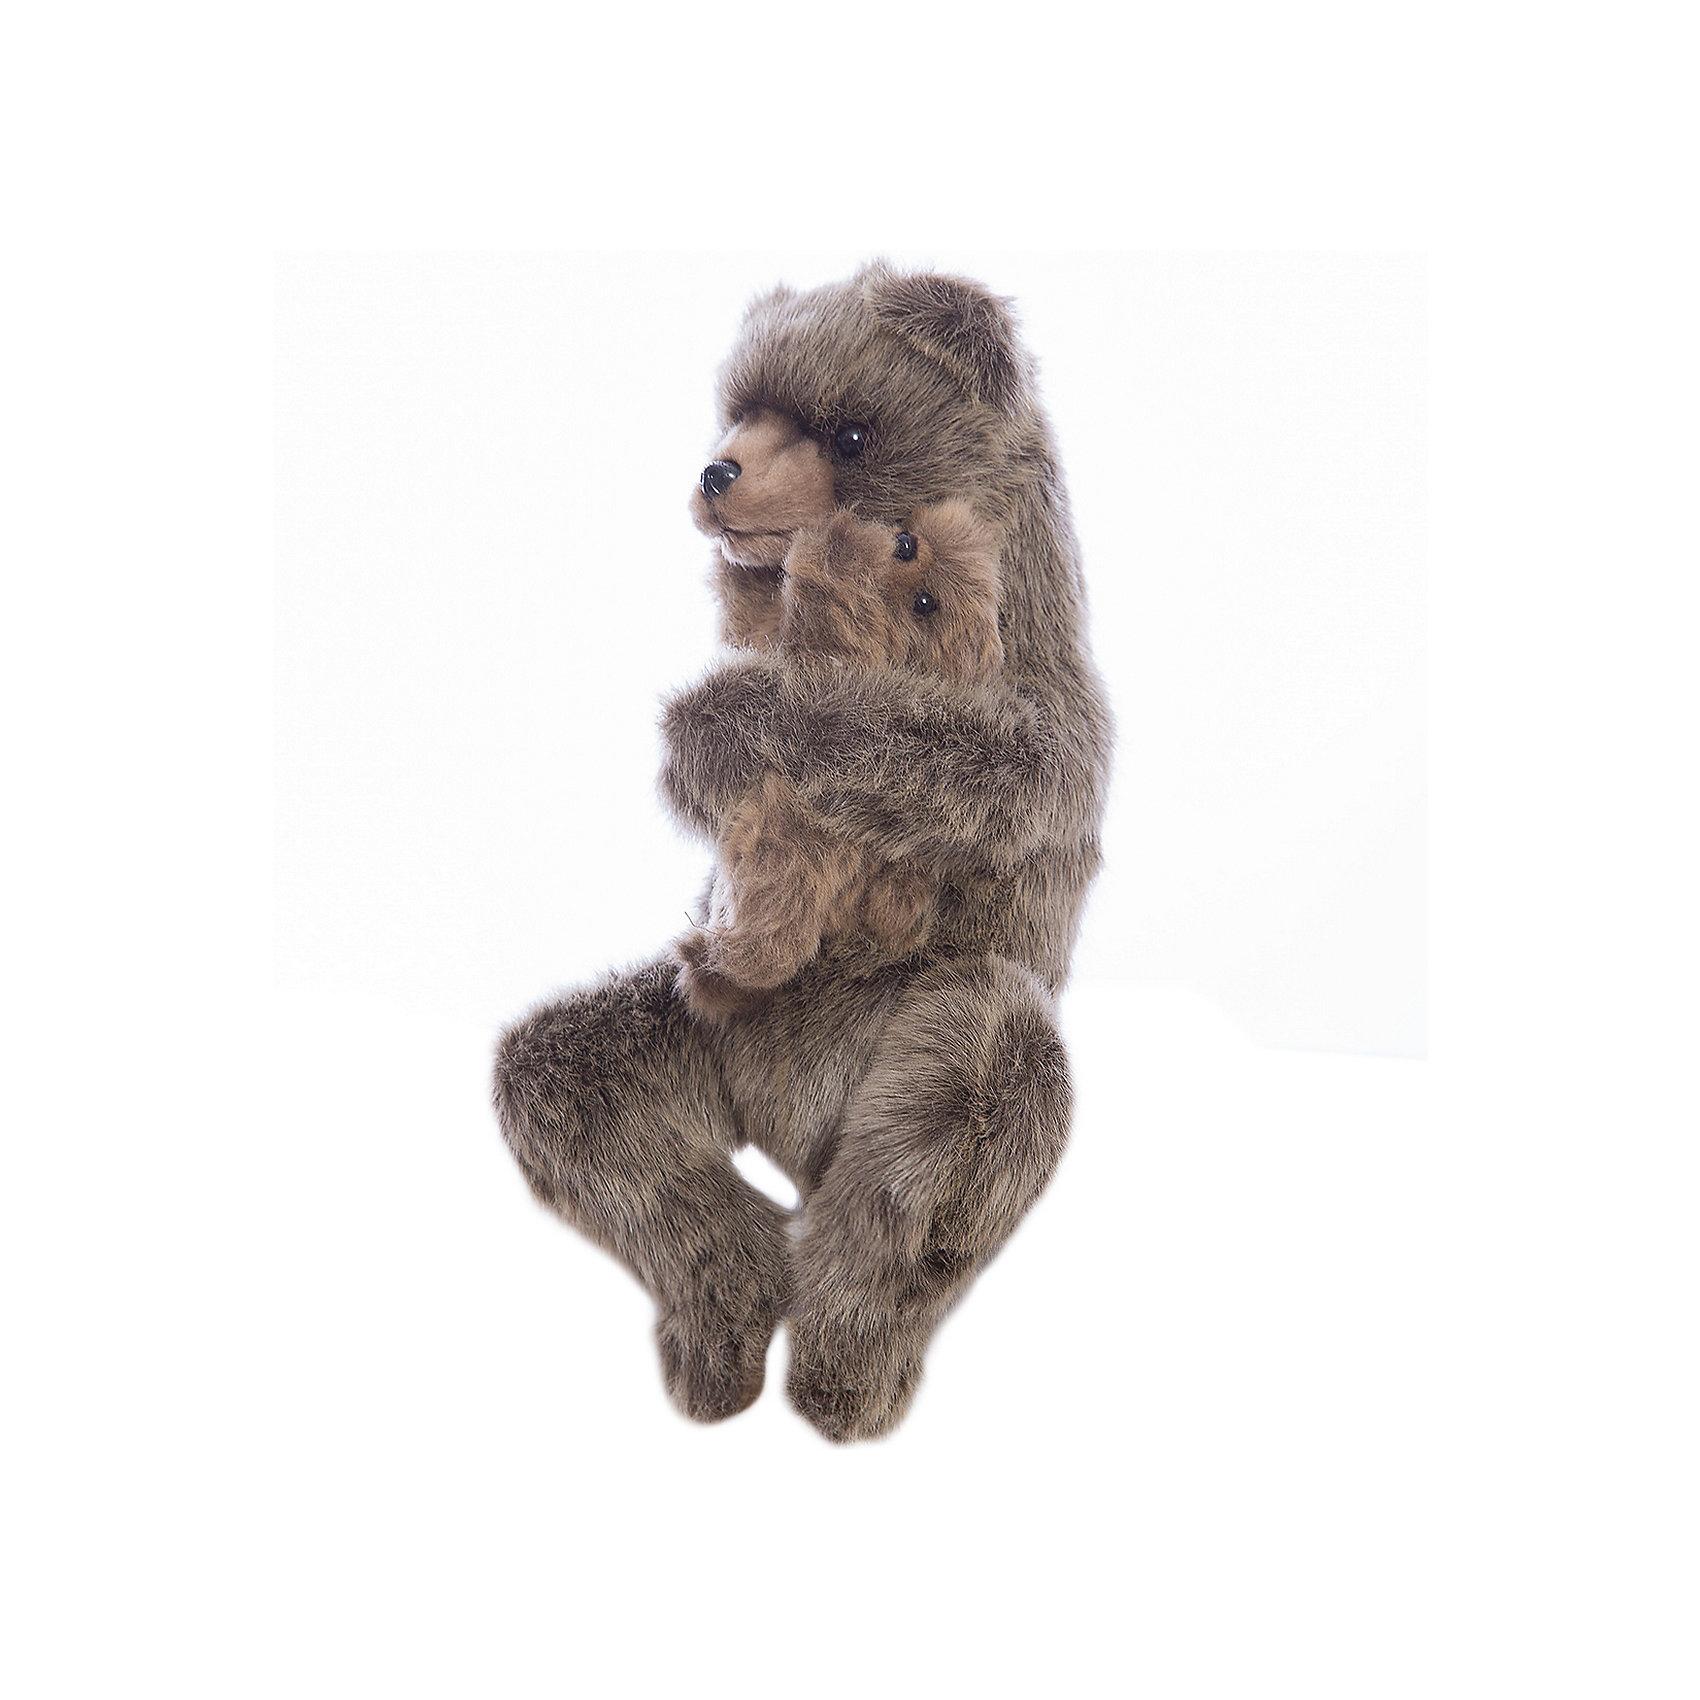 Медведица с медвежонком, 33 см, HansaМедвежата<br>Медведица с медвежонком, 33 см, Hansa (Ханса)<br><br>Характеристики:<br><br>• реалистичные детали<br>• прочный каркас<br>• приятная на ощупь<br>• размер игрушки: 33 см <br>• материал: искусственный мех<br>• размер упаковки: 13х23х8 см<br>• вес: 176 грамм<br><br>Мягкие игрушки Hansa имеют очень реалистичные детали. Медведица с медвежонком похожи на настоящих животных, встречающихся в дикой природе. Все детали тщательно продуманы для большей реалистичности. Прочный каркас придает игрушке прочность и устойчивость. Очаровательные медведи станут отличным дополнением к коллекции игрушек.<br><br>Медведицу с медвежонком, 33 см, Hansa (Ханса) можно купить в нашем интернет-магазине.<br><br>Ширина мм: 330<br>Глубина мм: 180<br>Высота мм: 150<br>Вес г: 175<br>Возраст от месяцев: 36<br>Возраст до месяцев: 2147483647<br>Пол: Унисекс<br>Возраст: Детский<br>SKU: 5503303